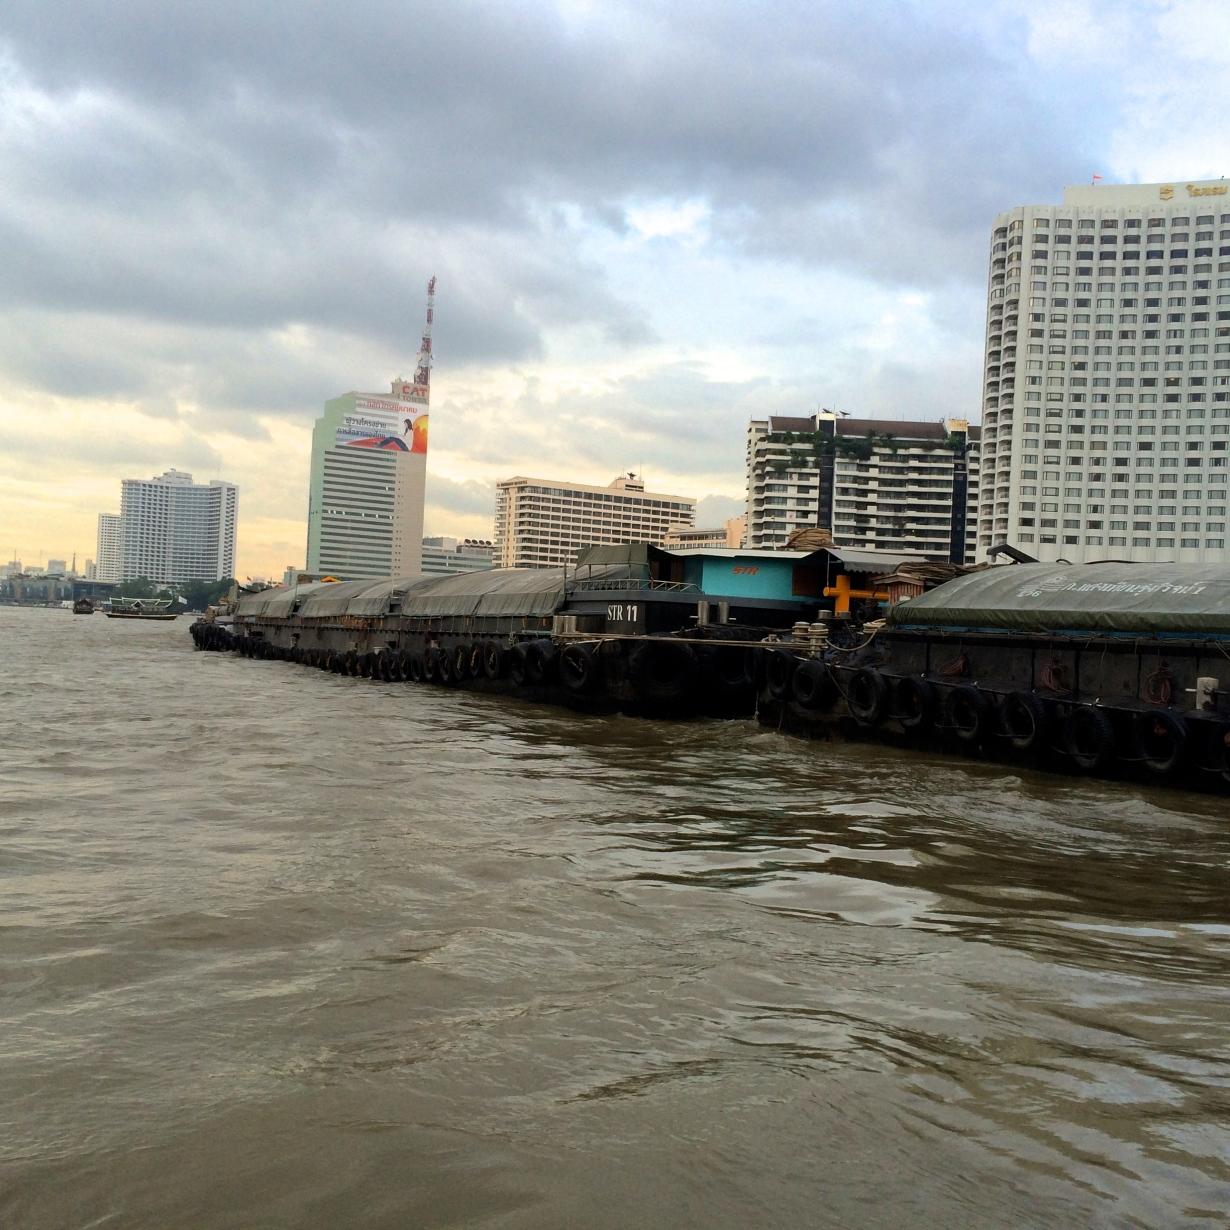 Bangkok barge